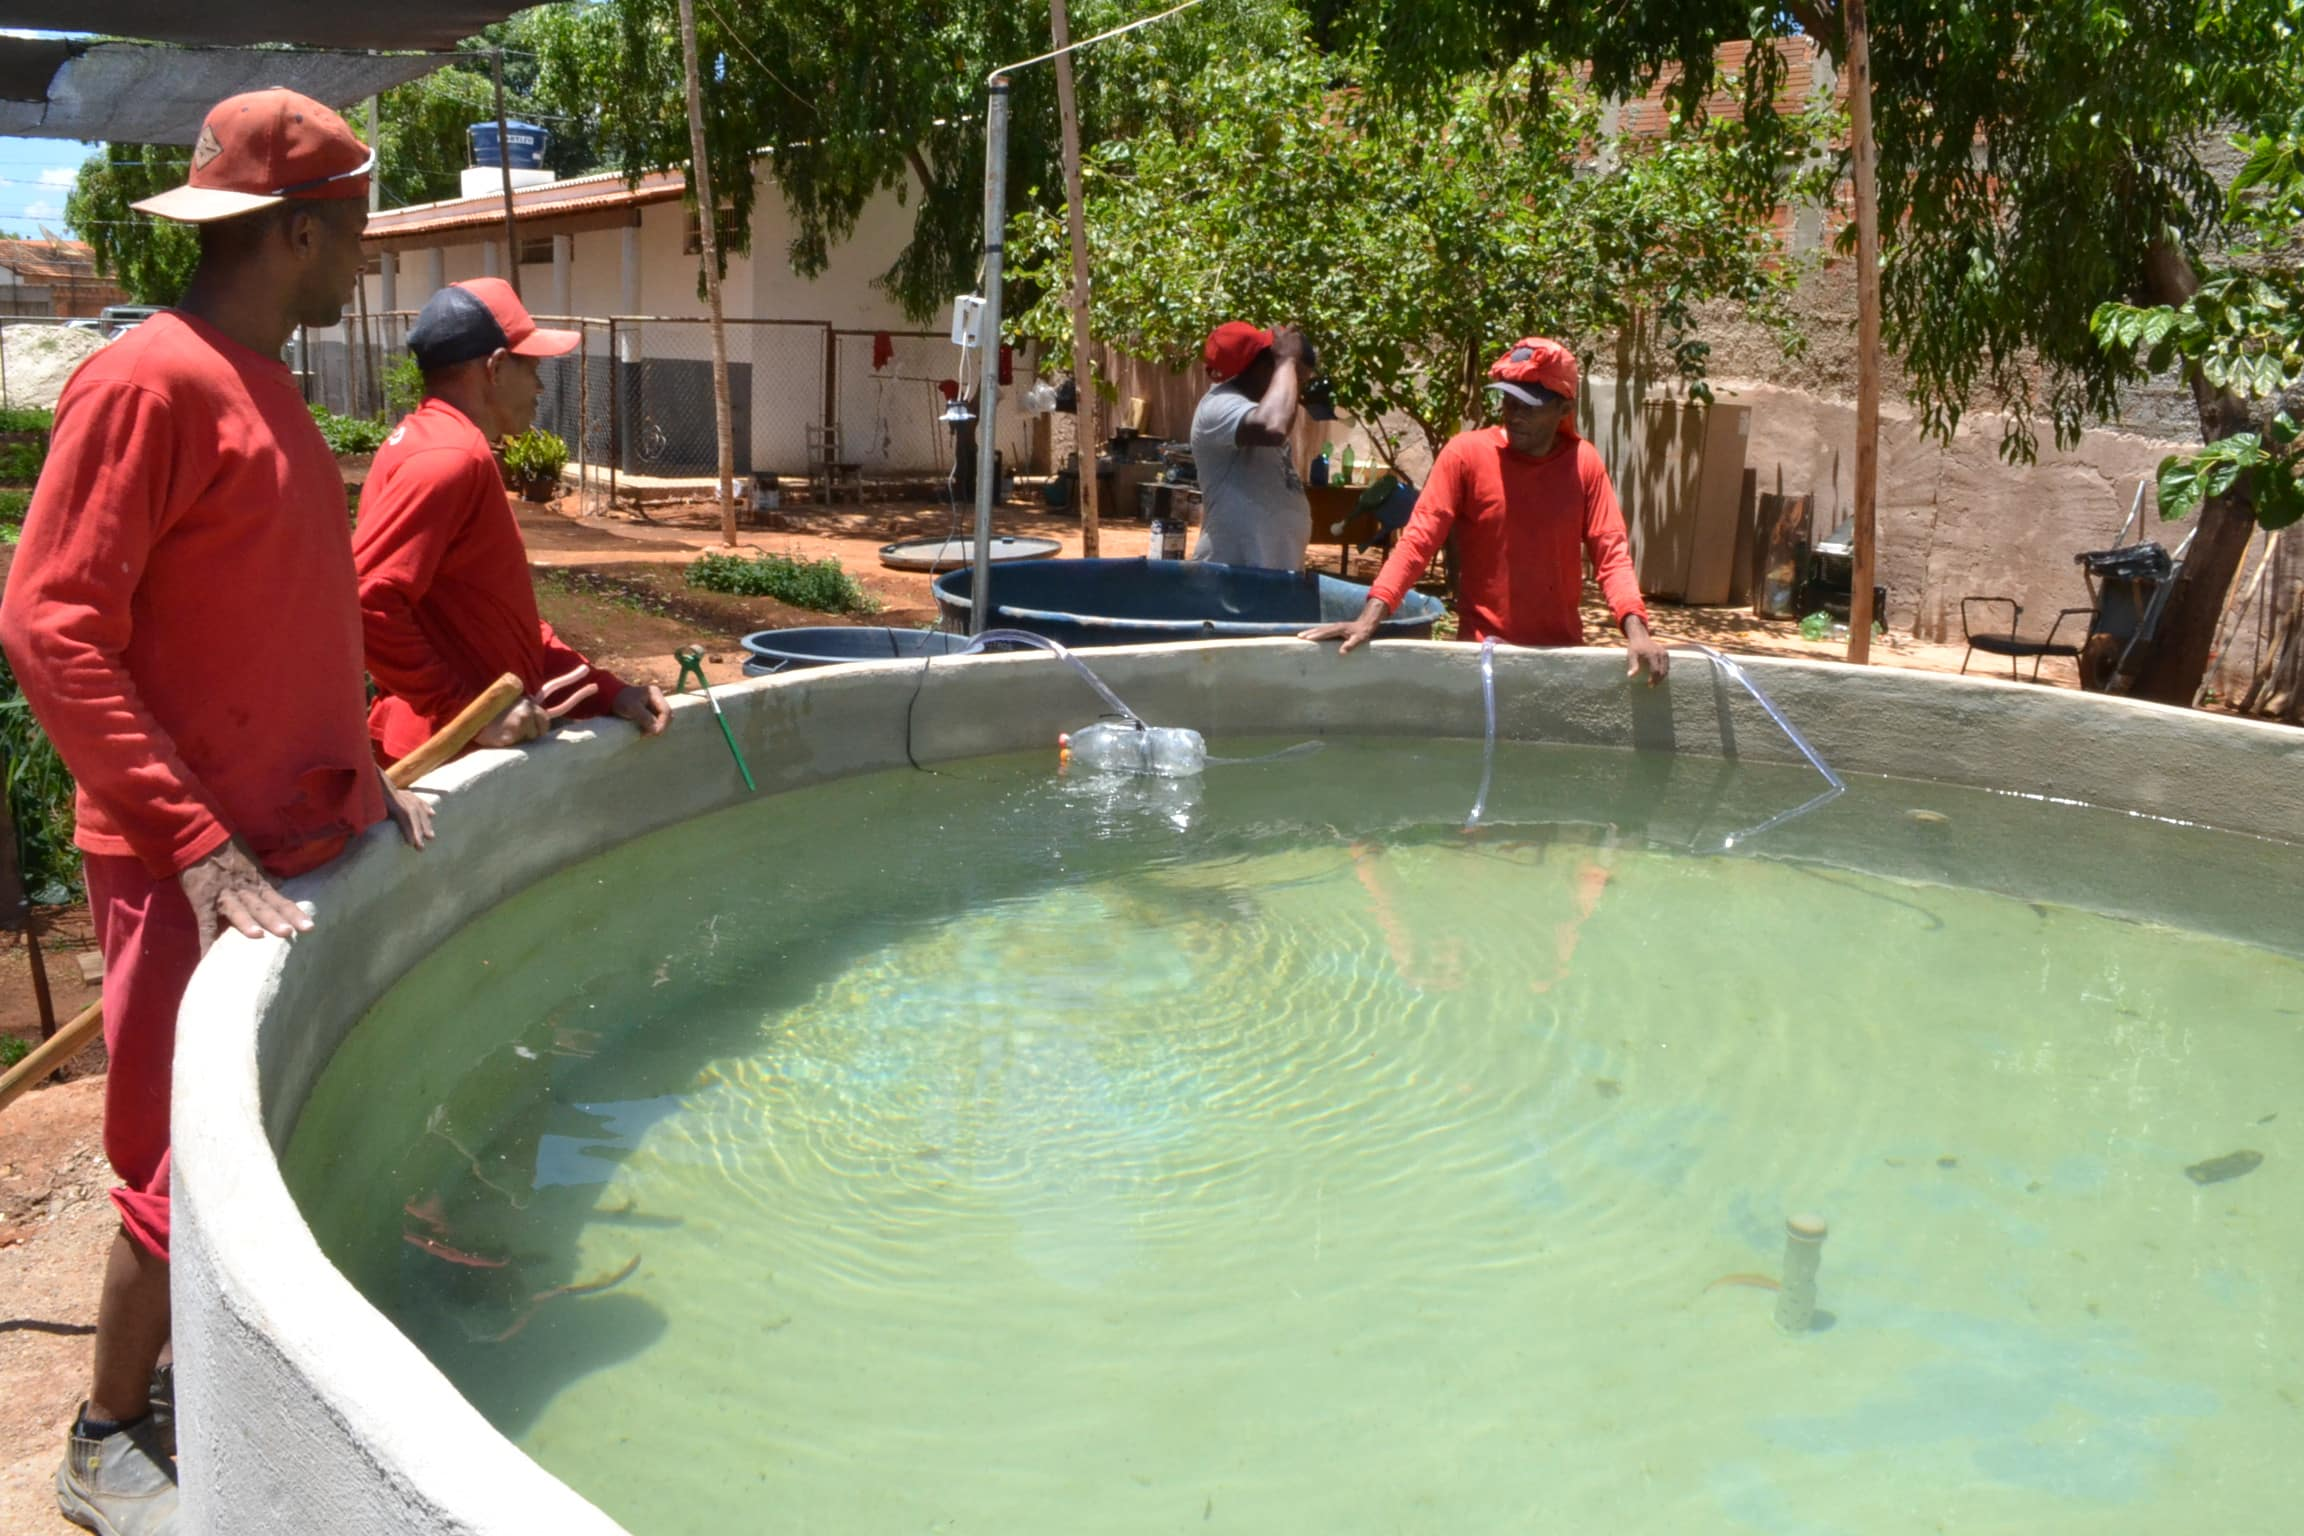 Norte de Minas - Criação de tilápias no Presídio de Janaúba gera qualificação profissional